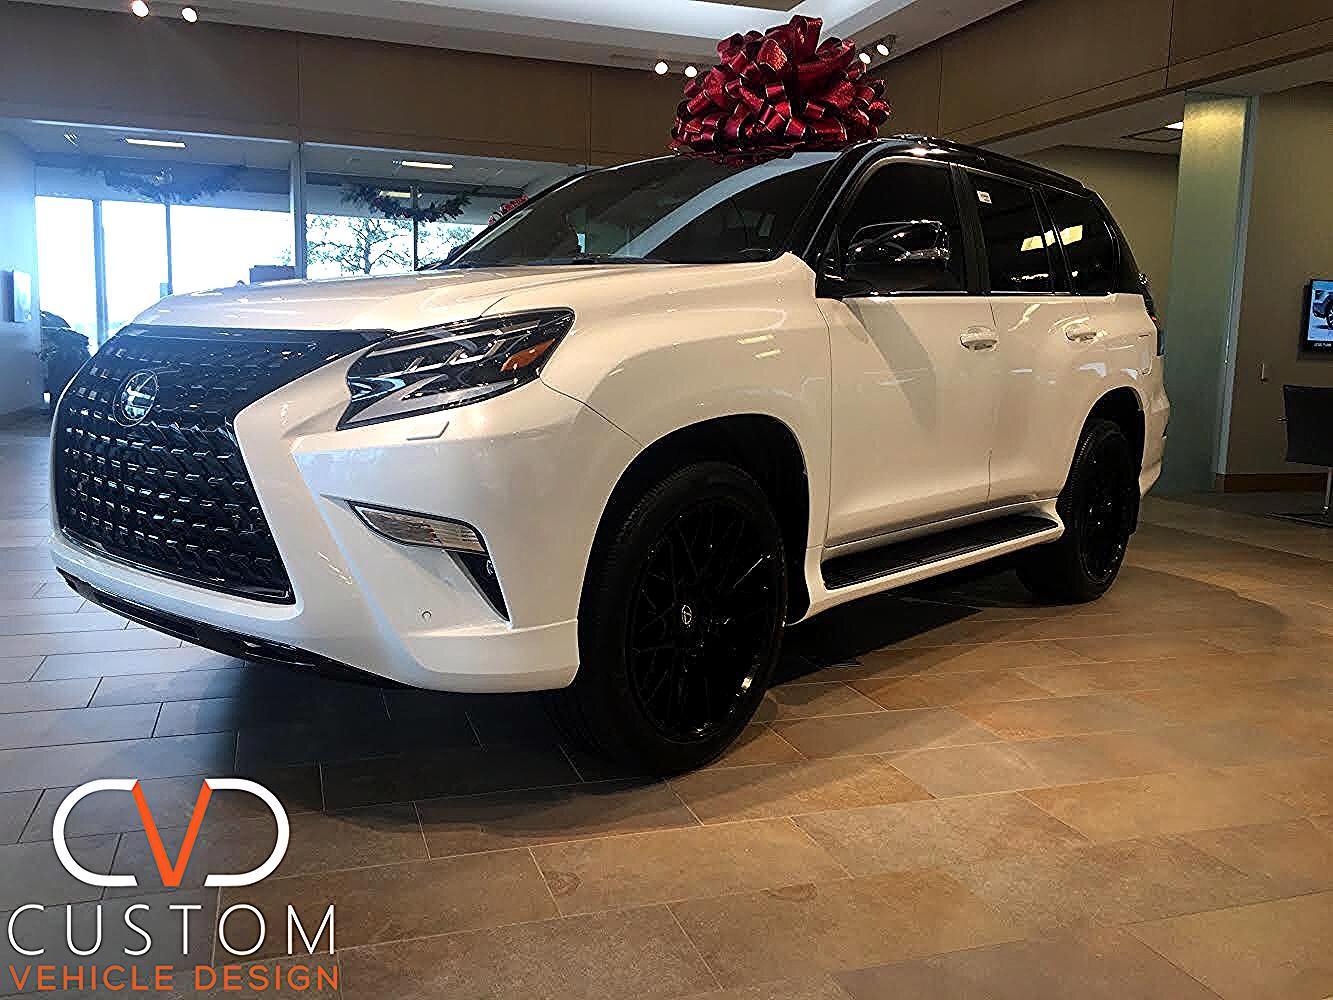 Cvd in 2020 Black rhino wheels, Lexus gx, Lexus suv